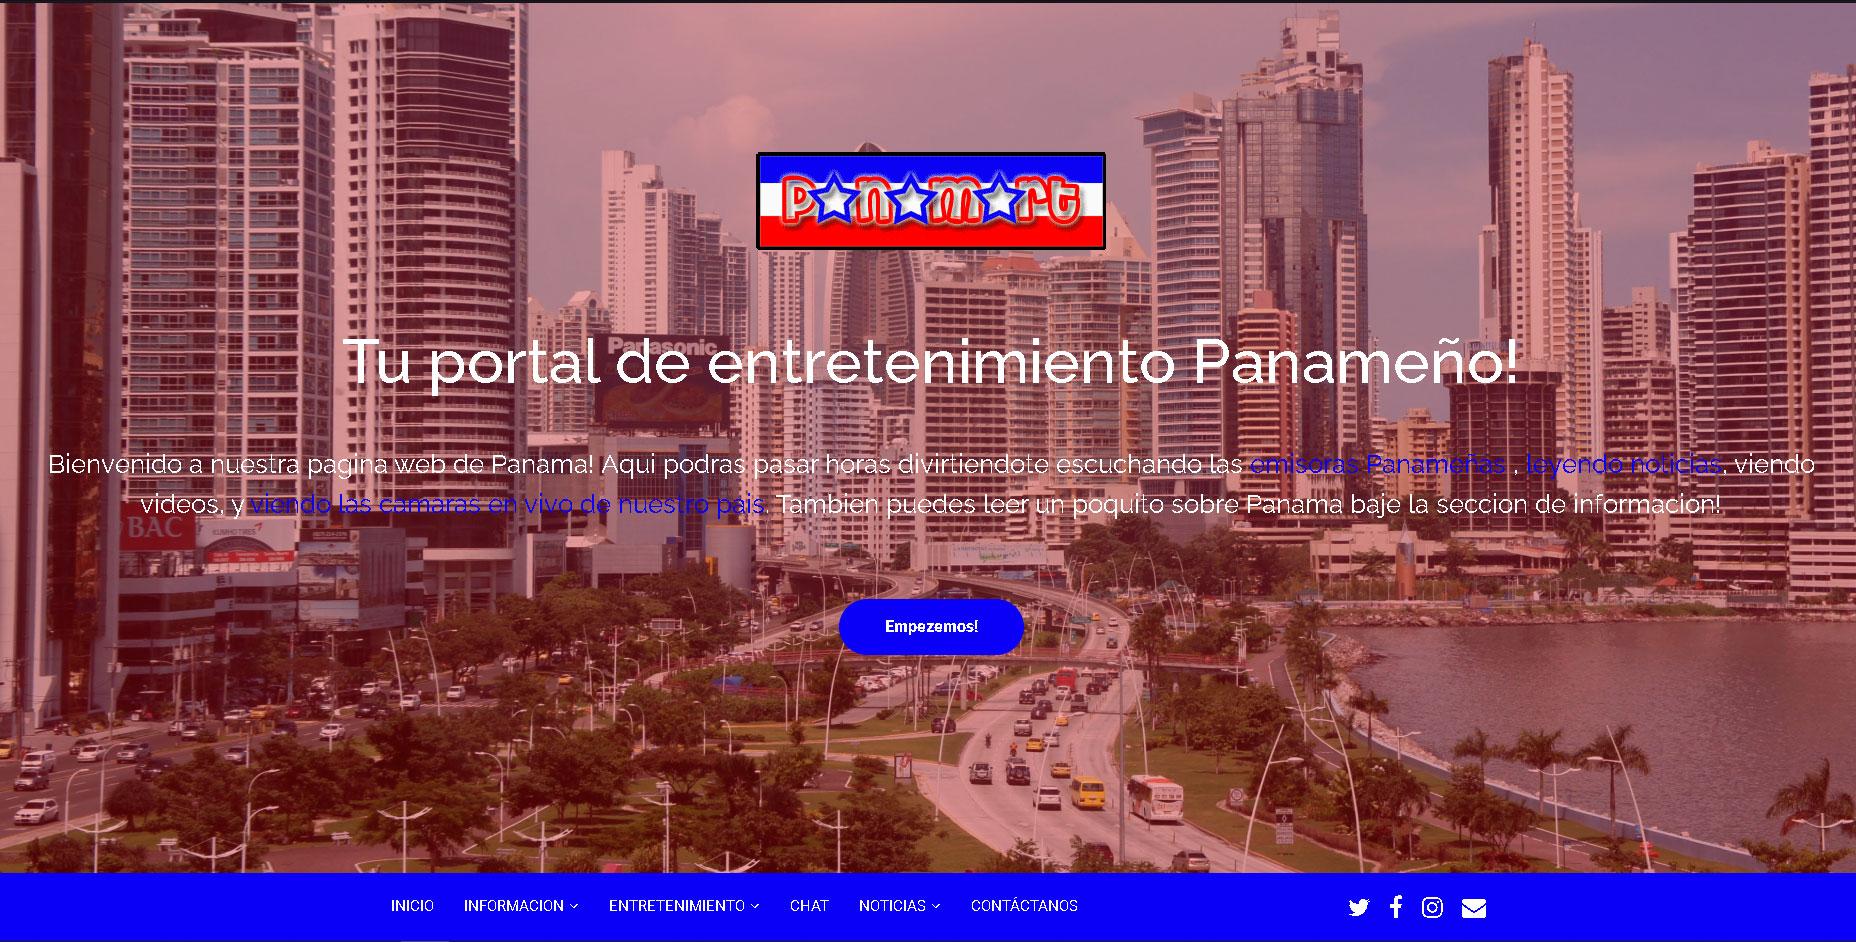 Panamart.net